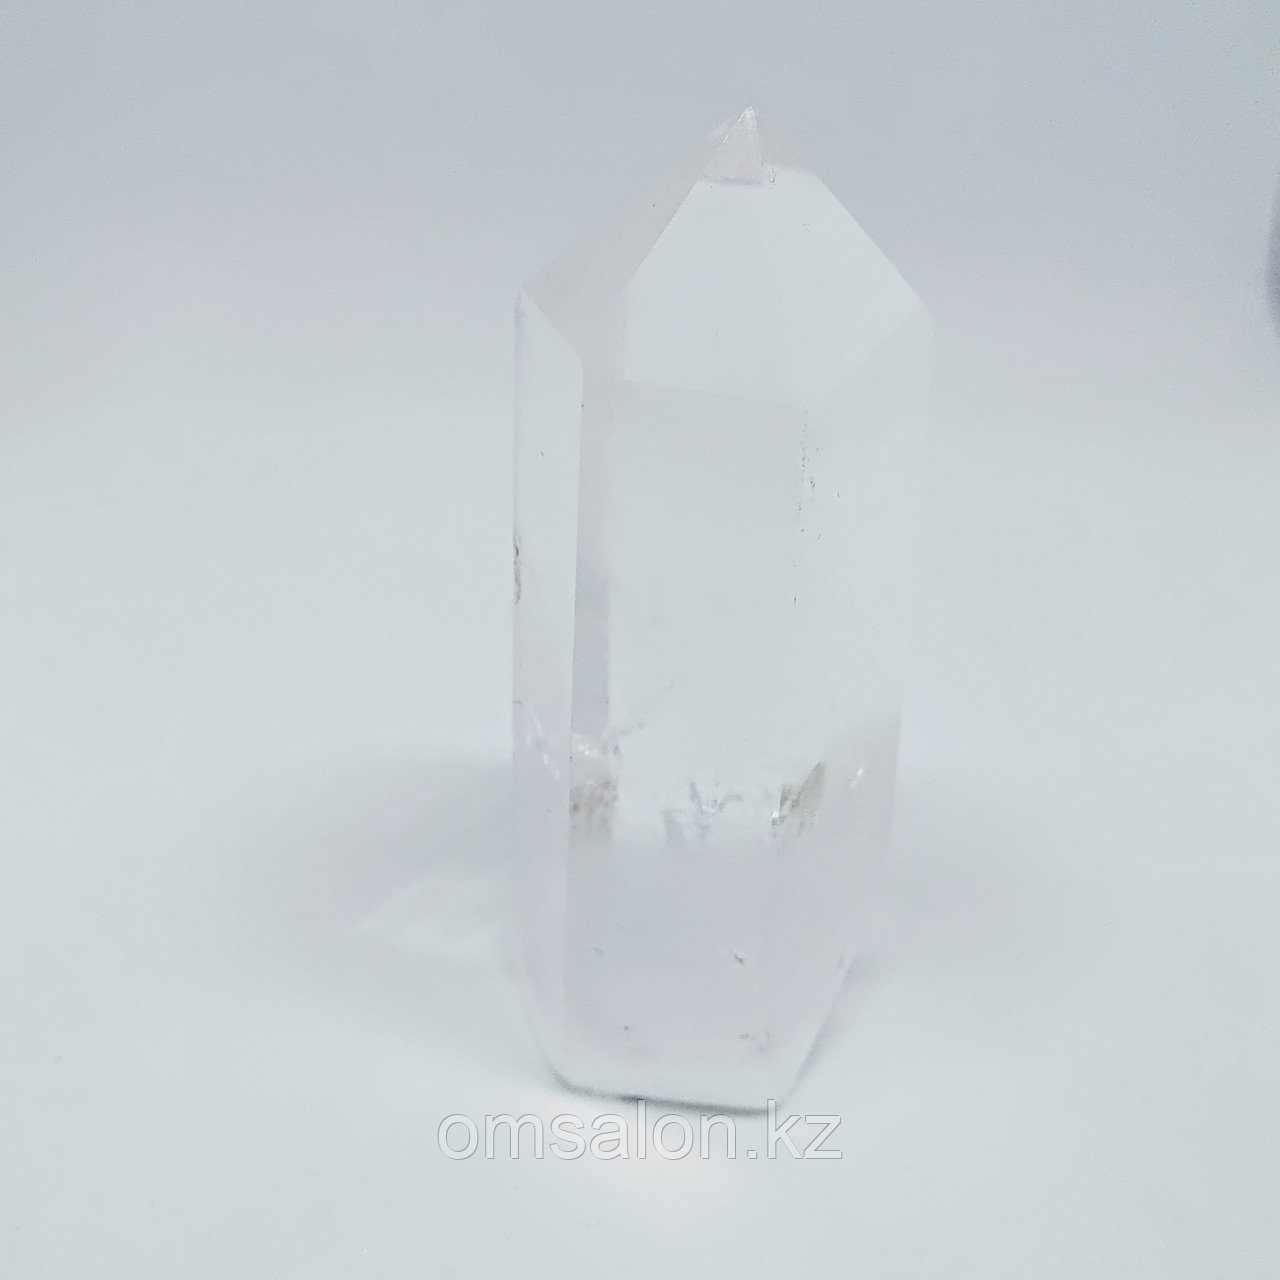 Кристалл горного хрусталя, 75х30мм